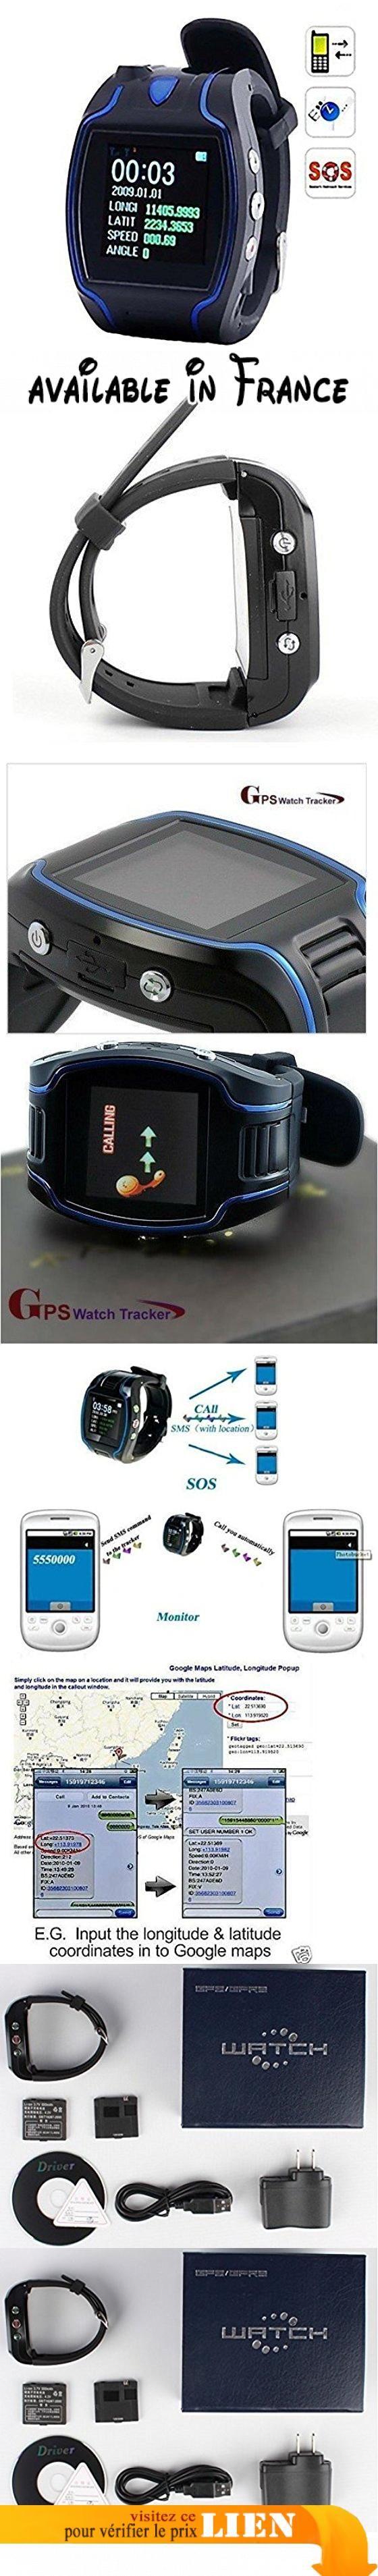 """RASTREADOR GPS TK109 LOCALIZADOR VER TELÉFONO GPS GSM LUZ SPY UBICACIÓN. Fonctions principales : montre, portable, traceur GPS GSM (Quadri-bande). Écran : LCD 1,5 """". Informations sur l'écran : heure, date, longitude, latitude, allure, altitude.. Fonctionne en mode haut-parleur comme un téléphone normal #GPS or Navigation System #SURVEILANCE_SYSTEMS"""